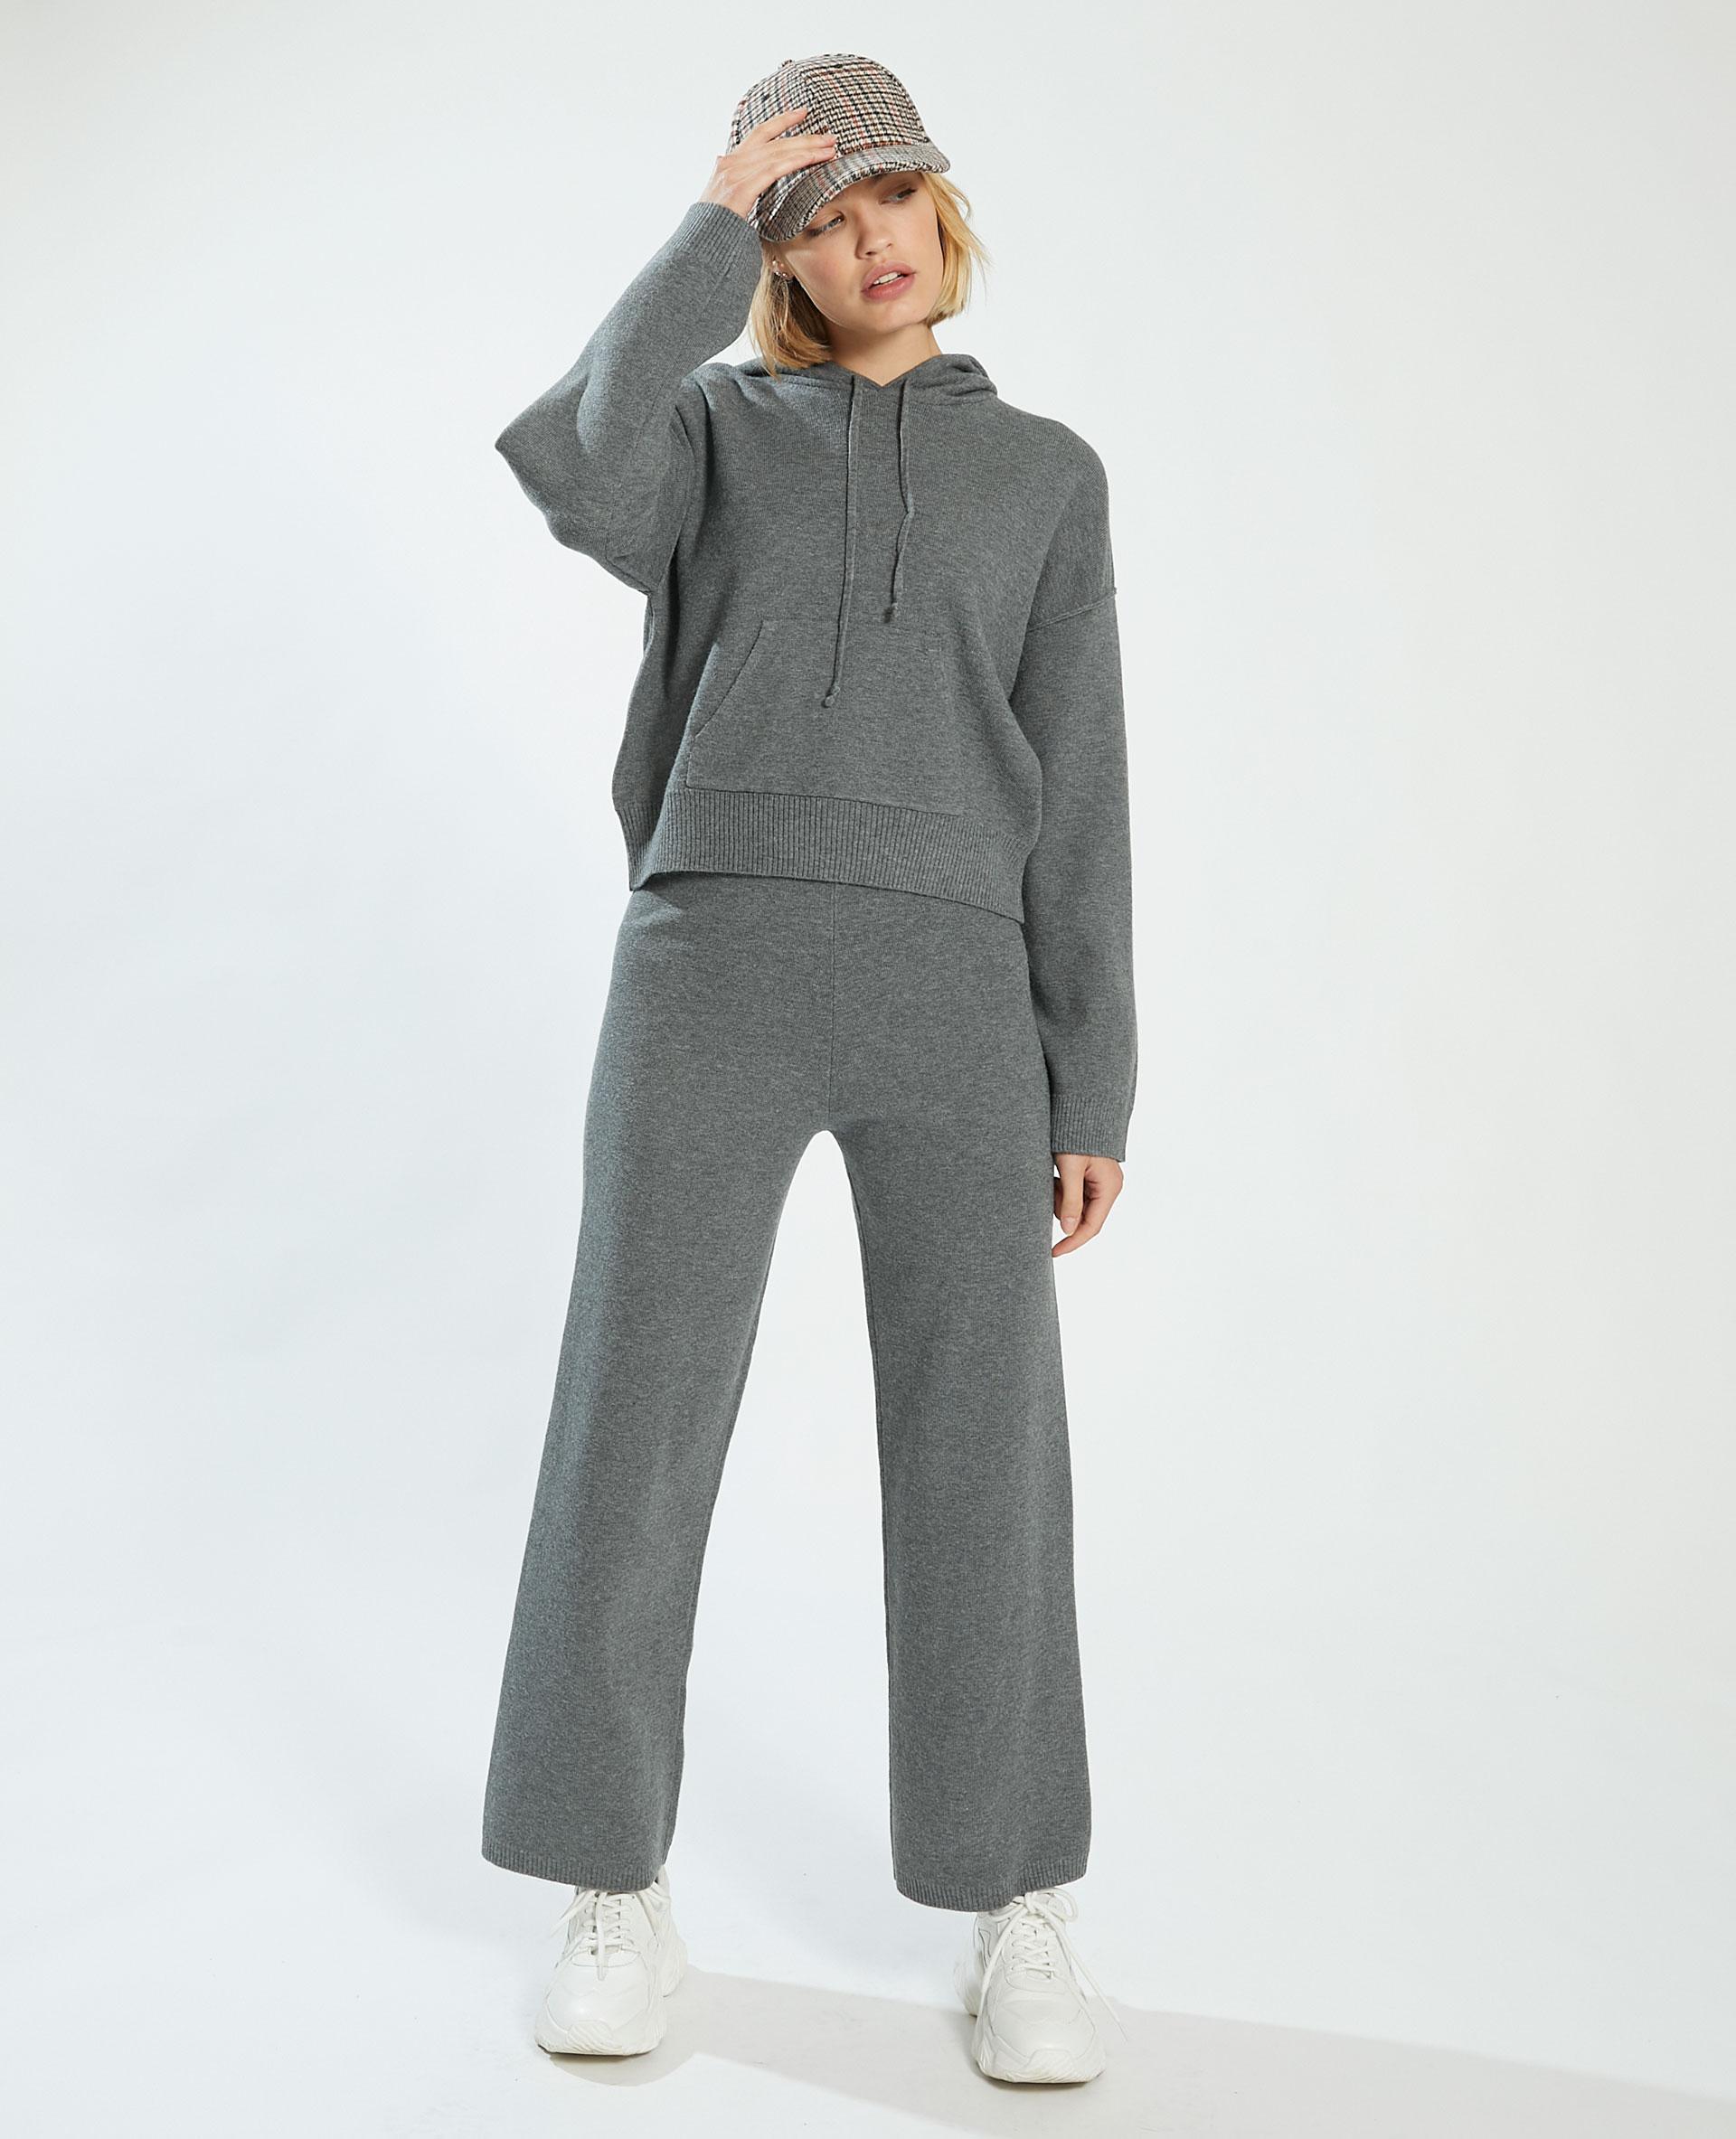 Pantalon wide leg gris - Pimkie